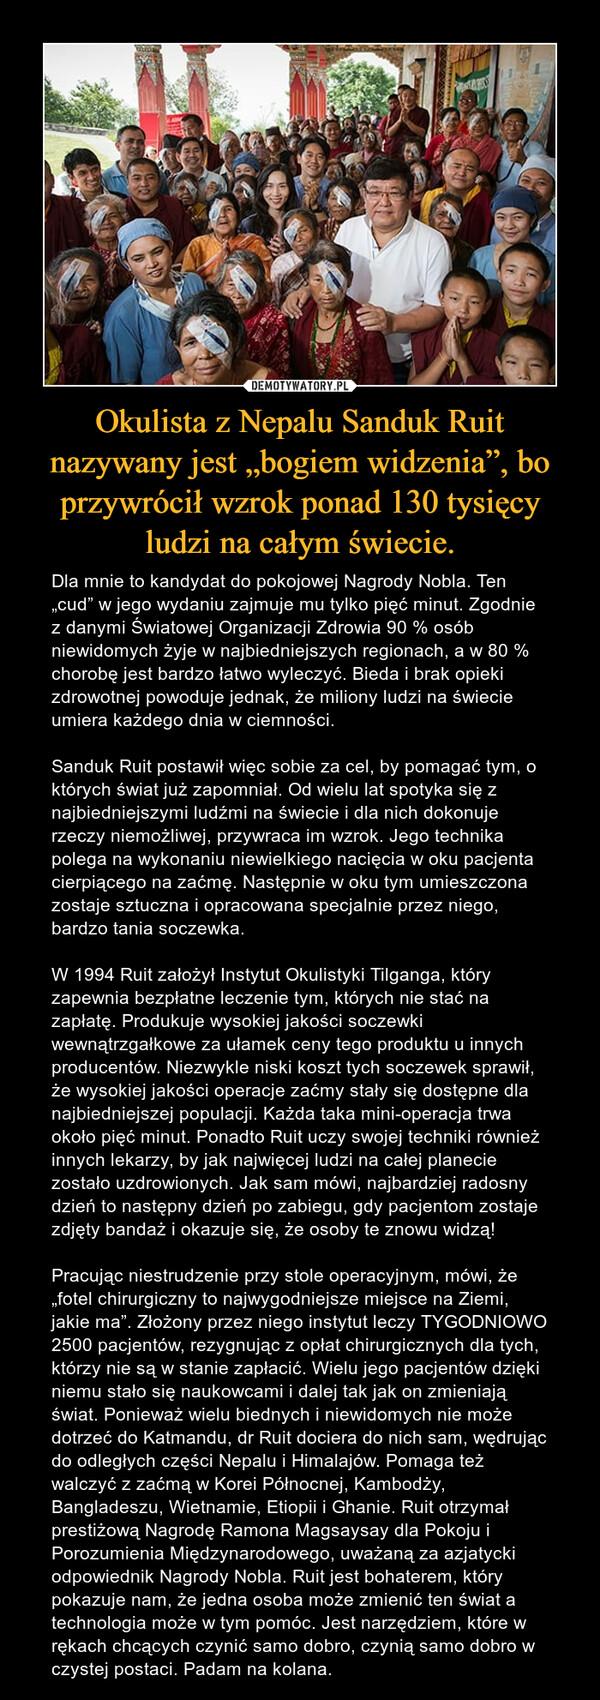 """Okulista z Nepalu Sanduk Ruit nazywany jest """"bogiem widzenia"""", bo przywrócił wzrok ponad 130 tysięcy ludzi na całym świecie."""